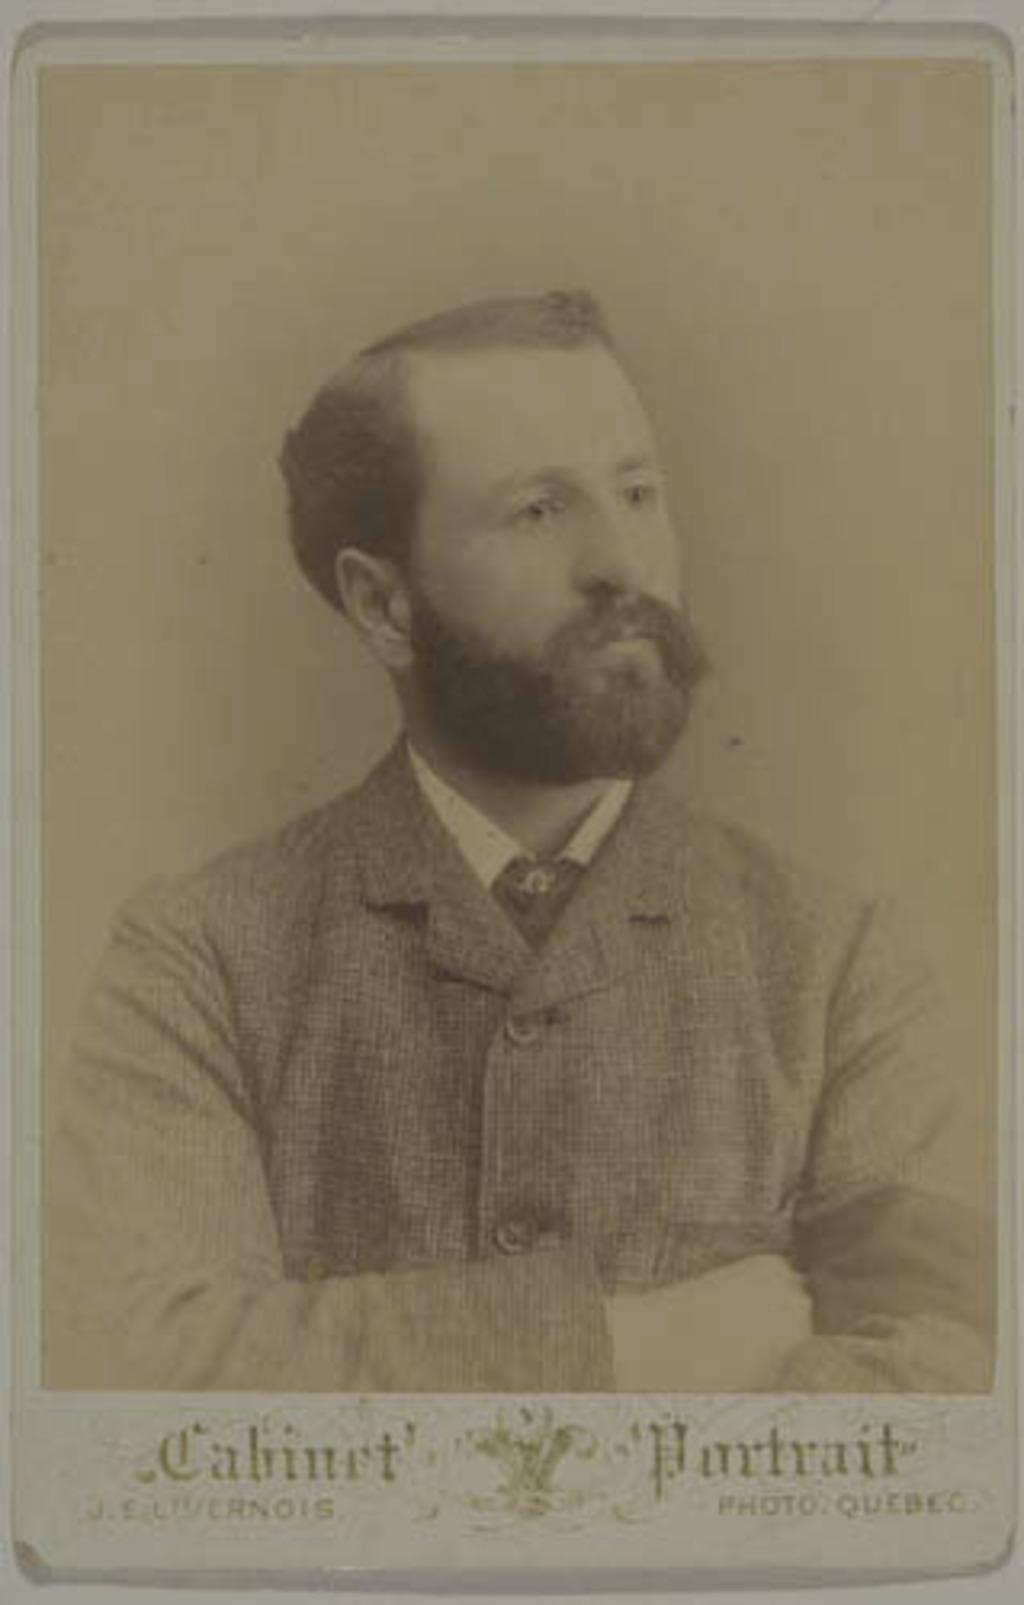 Herménégilde Pouliot, de l'album de la famille Taché-Cimon